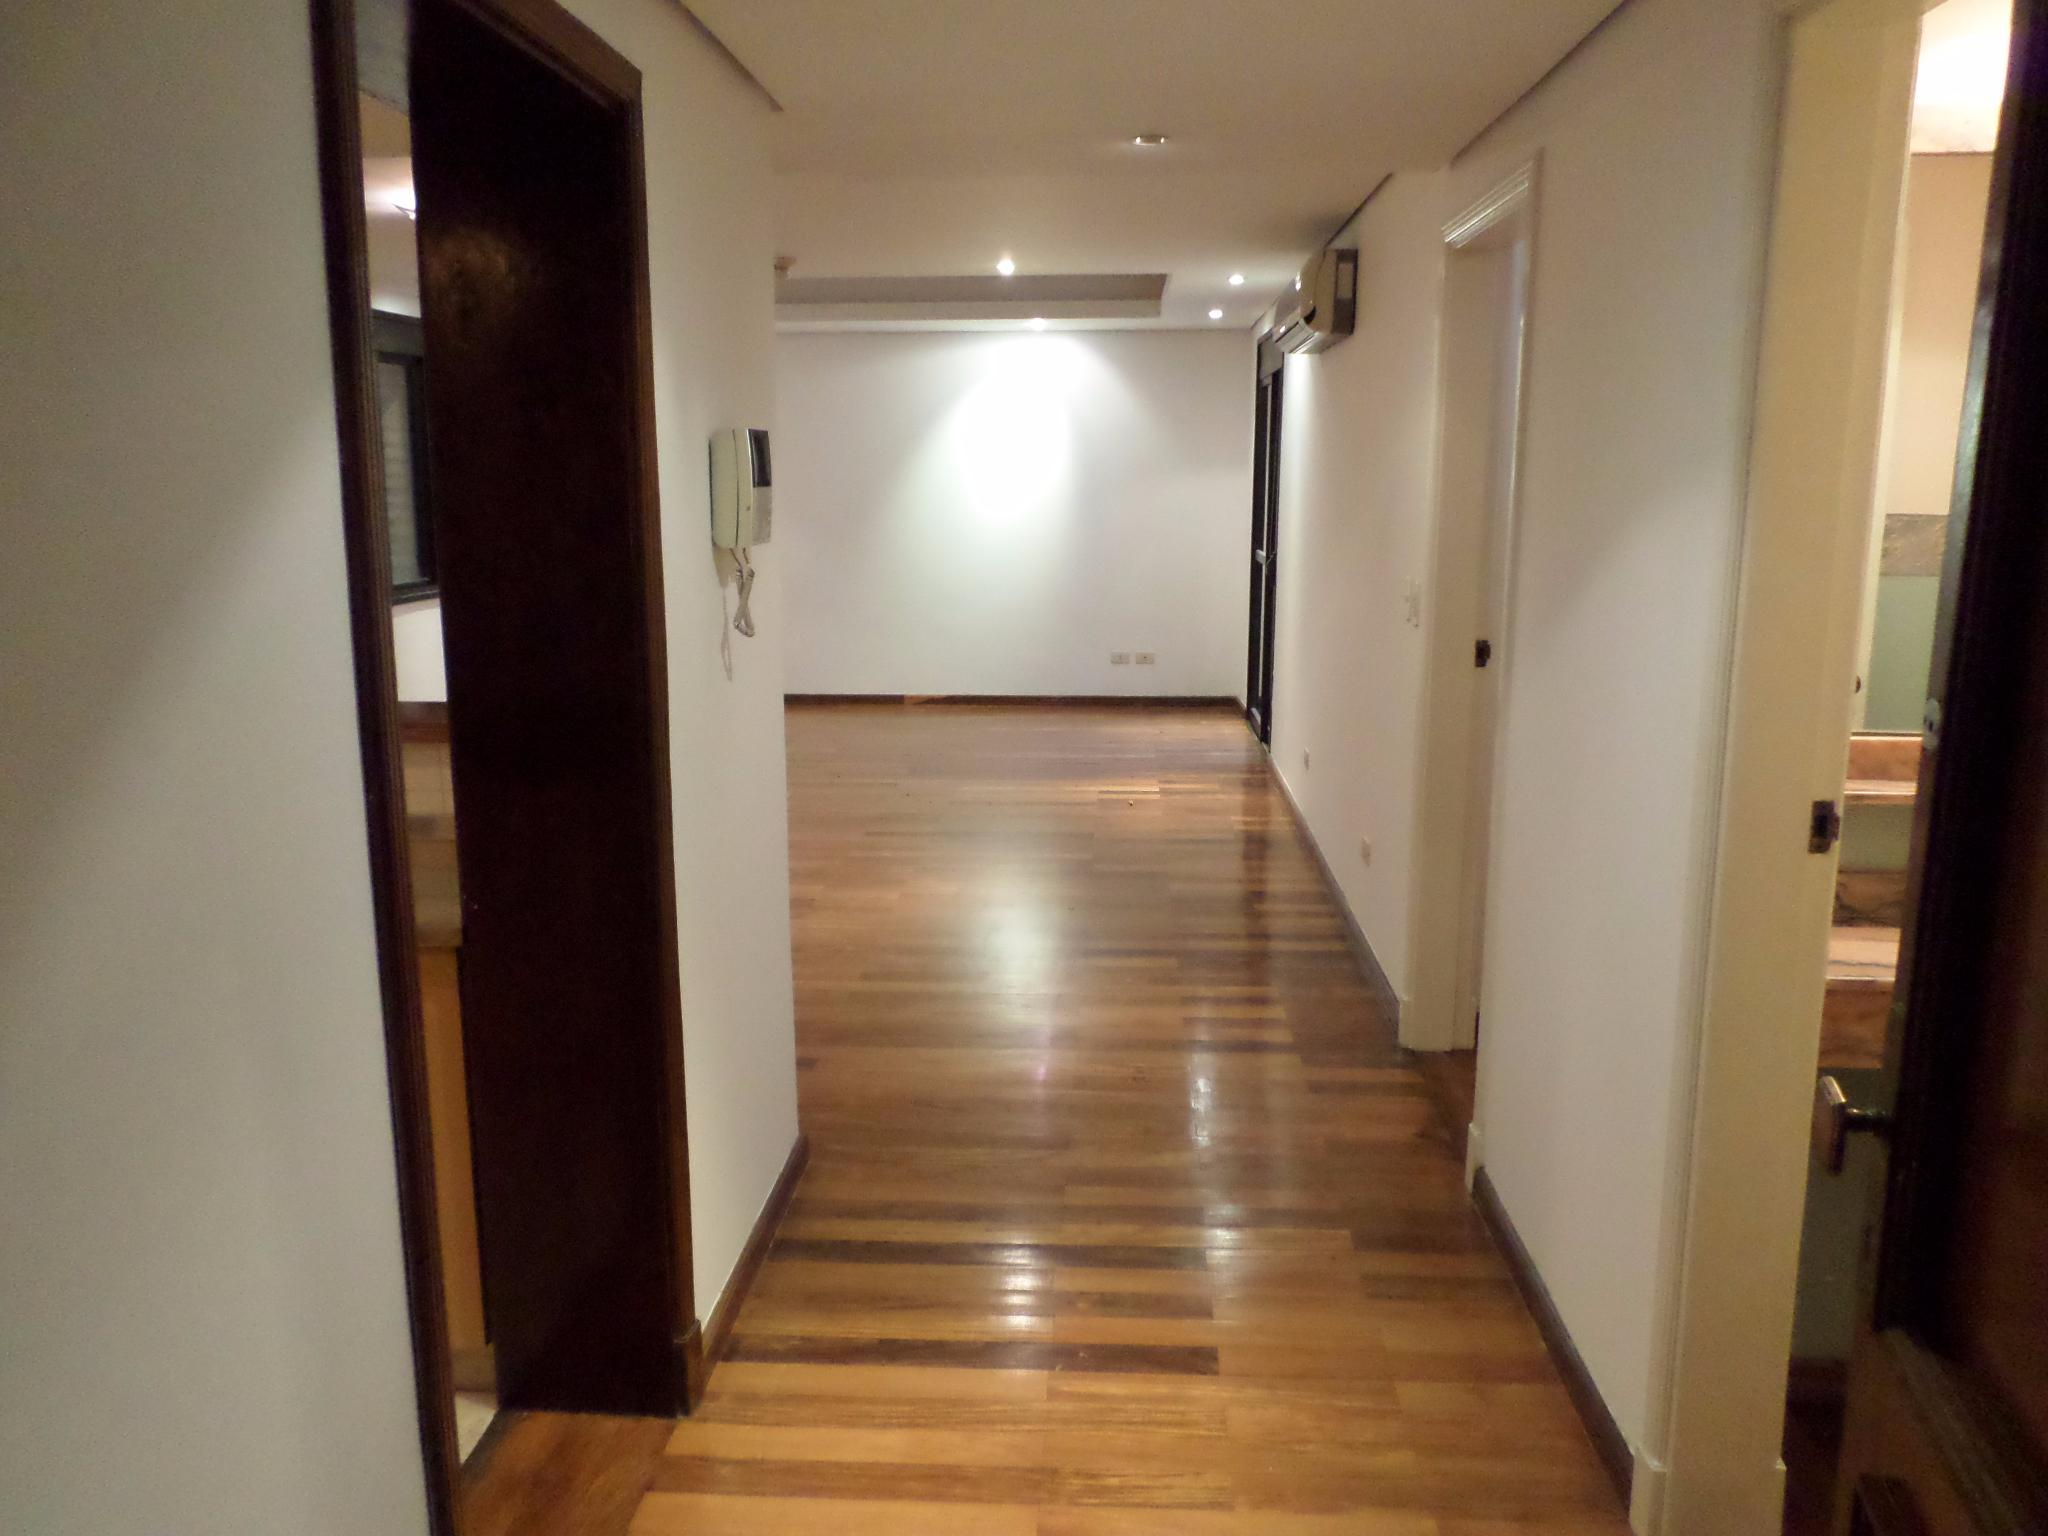 Alquilo Departamento De 2 Dormitorios Con Área De Servicio En Villa Aurelia